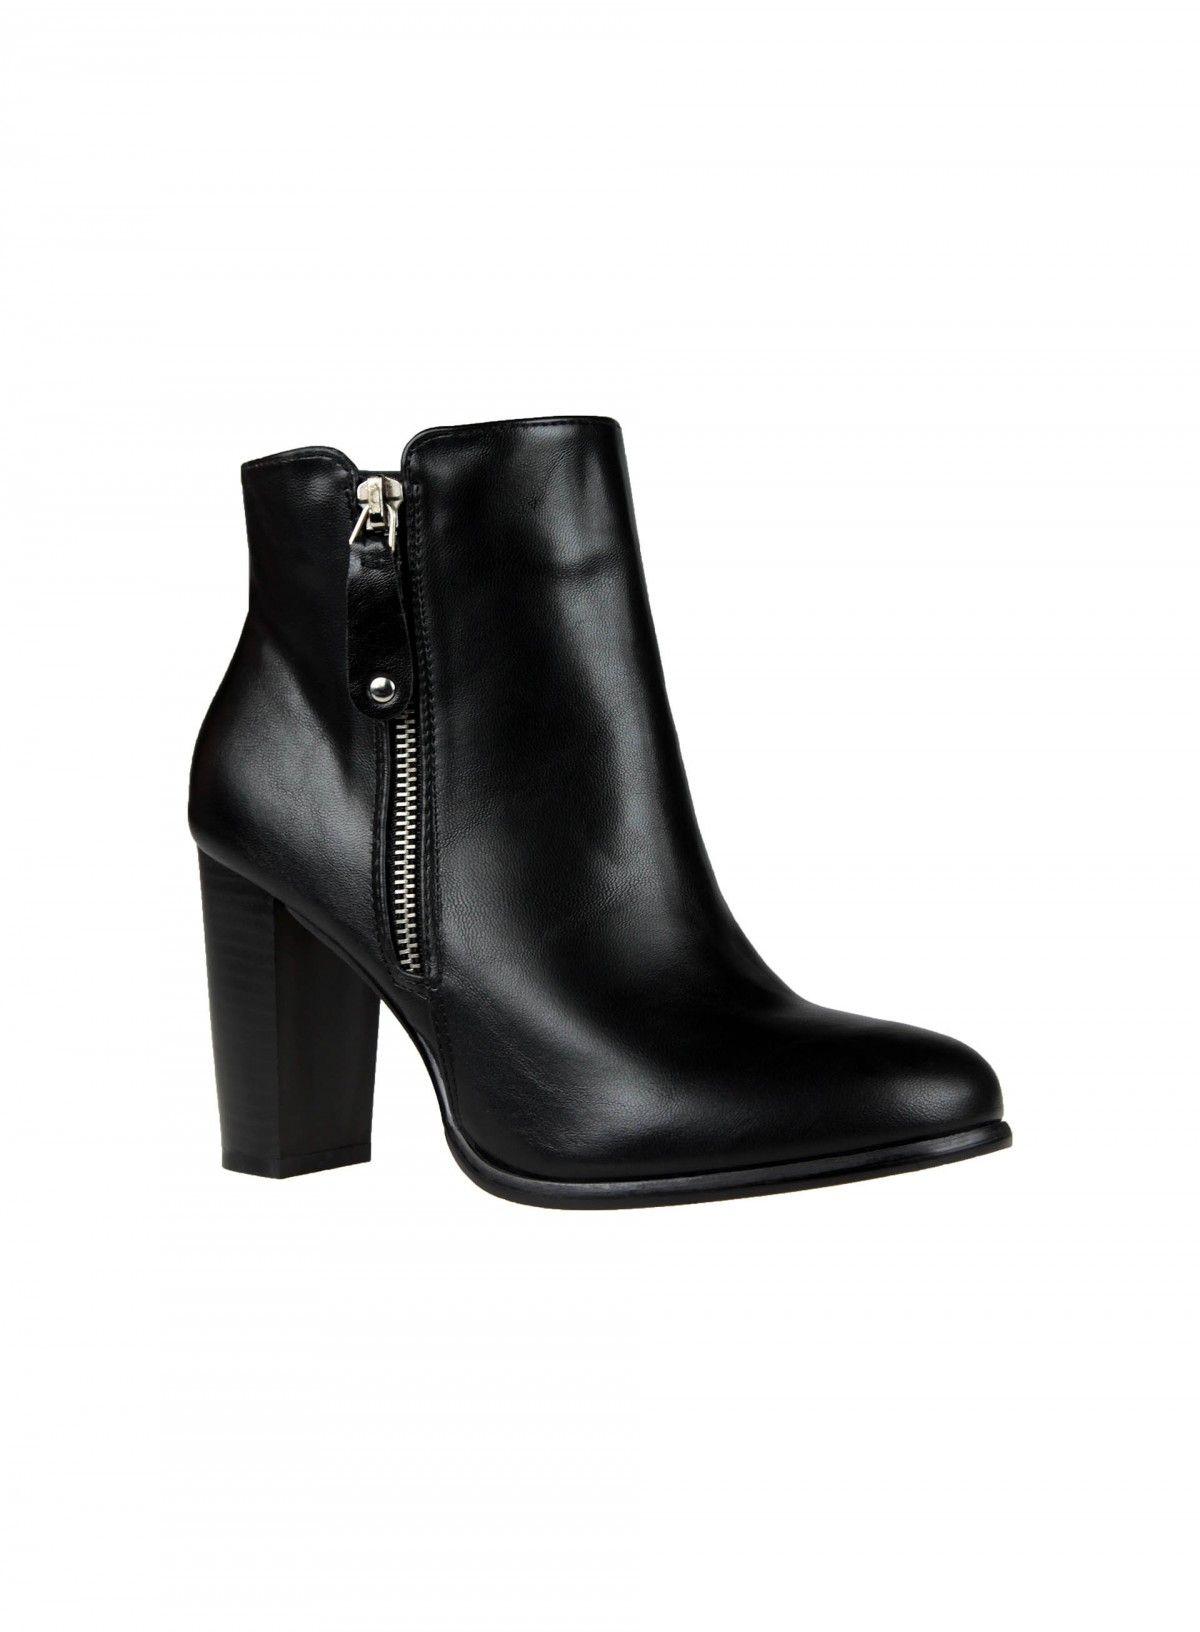 bottes femme noires talons